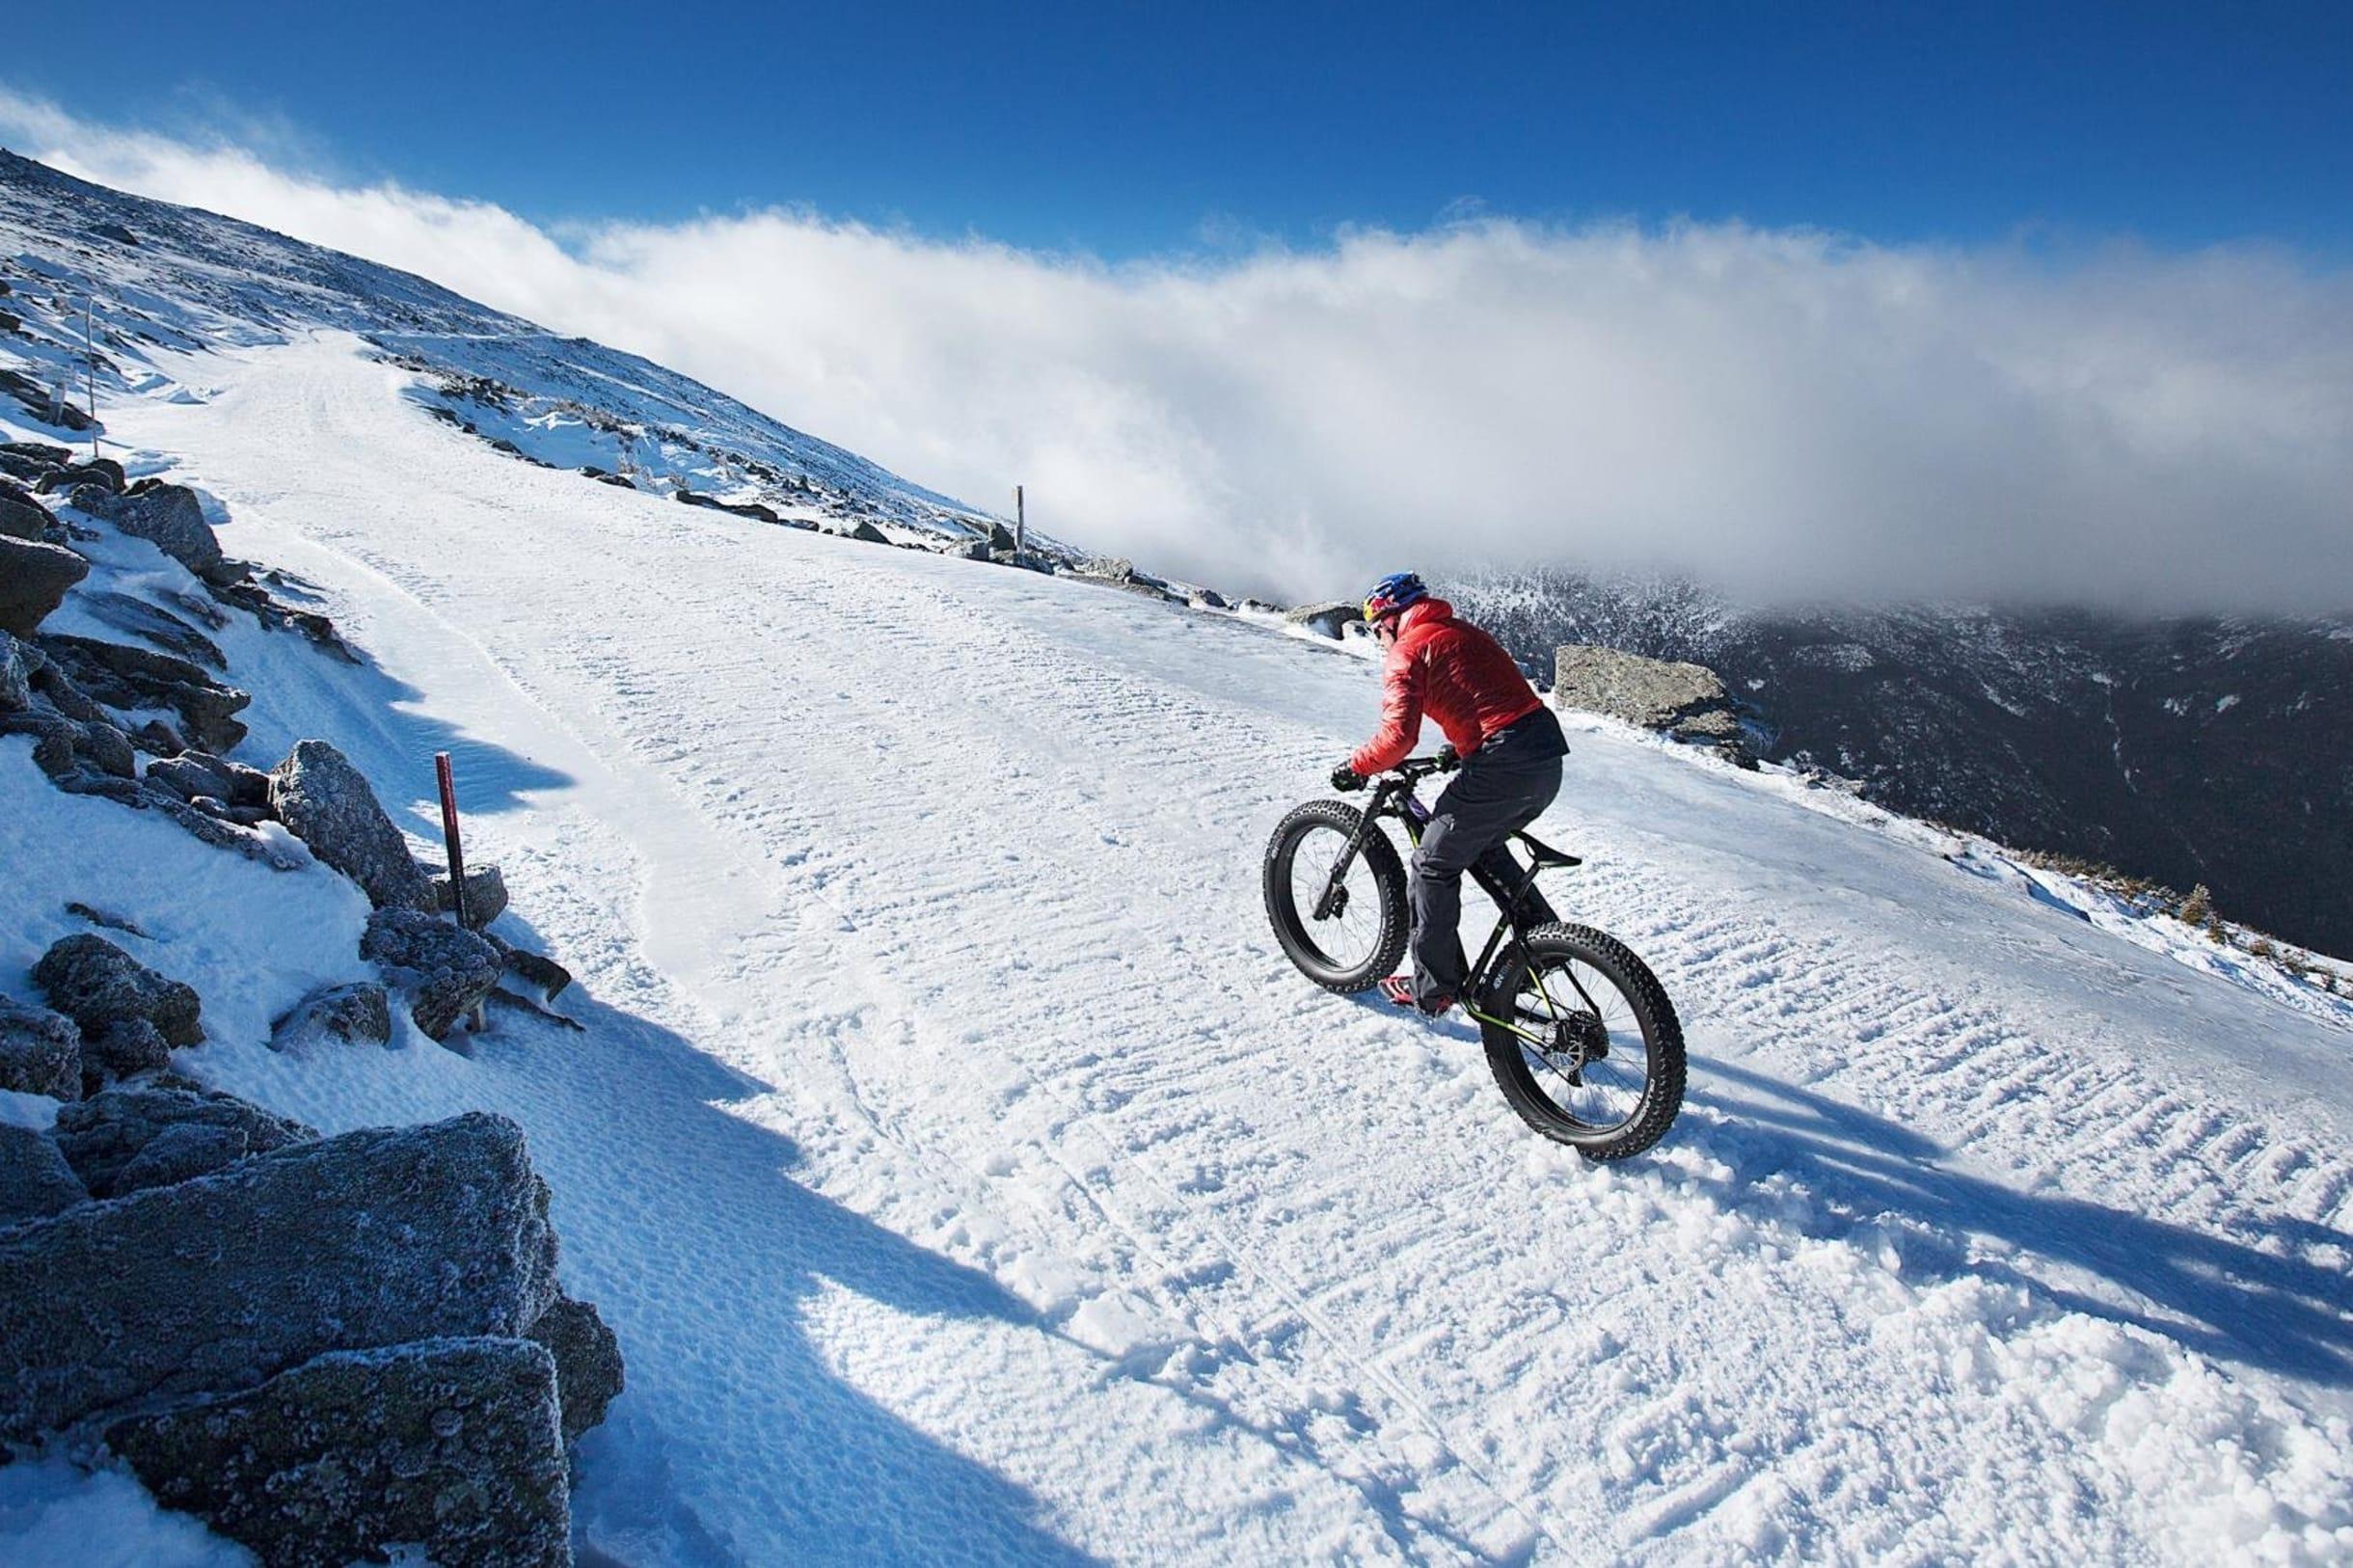 Tim Johnson primera ascención al Mount Washington en bici en invierno.